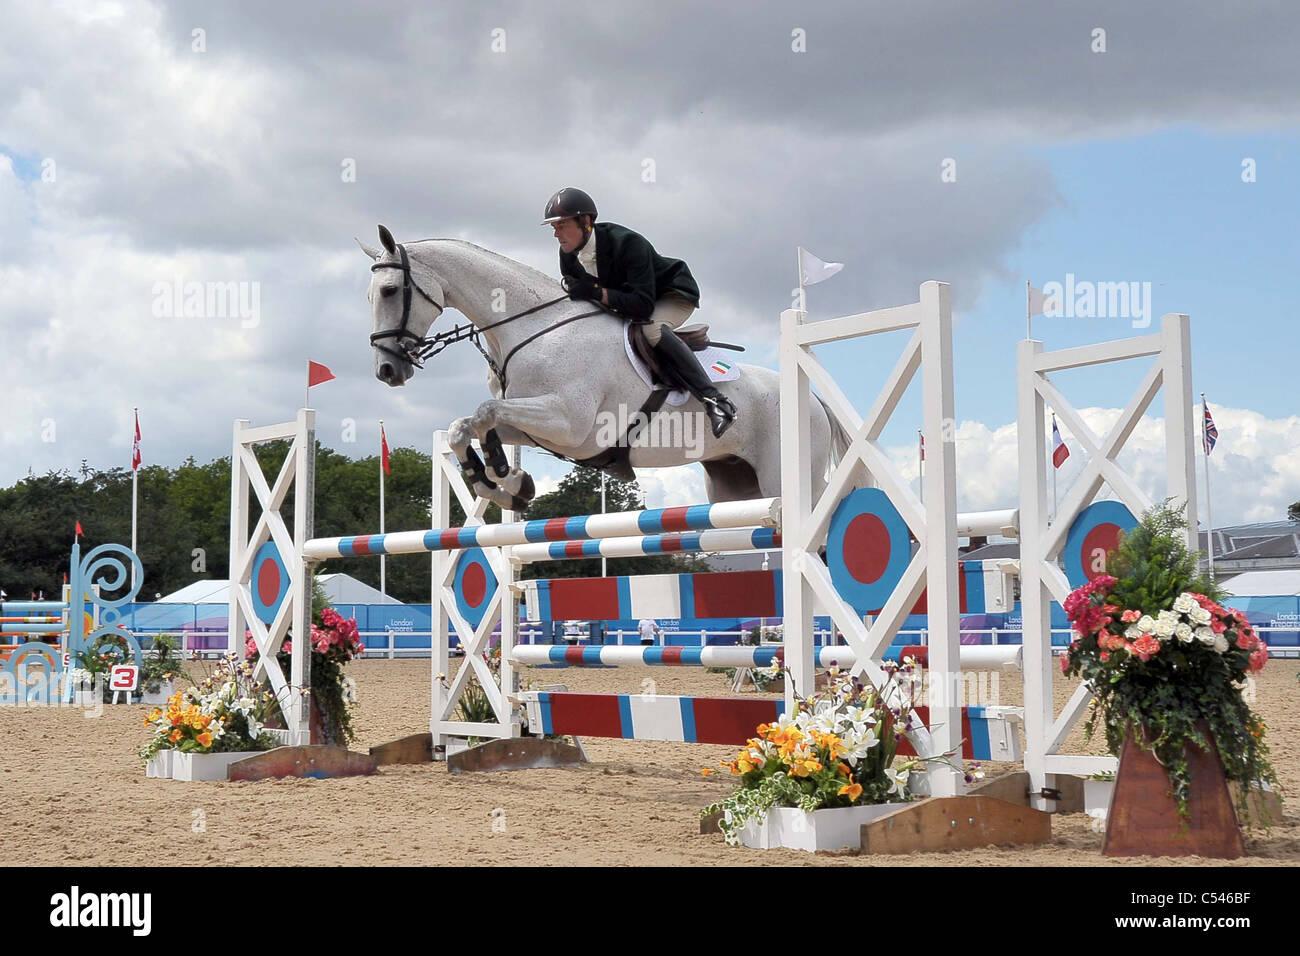 Joseph Murphy équitation Chuckelberry (Irlande) passe la dernière barrière. Démonstration de Photo Stock